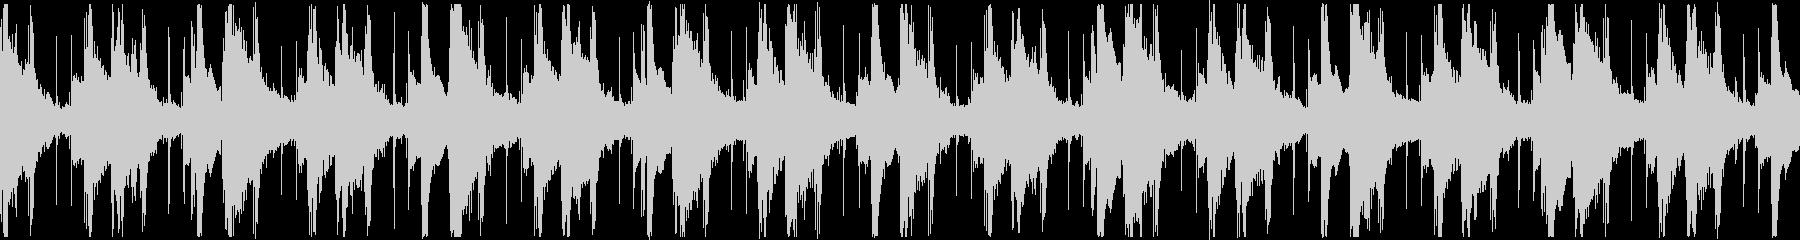 引きずるダウンテンポヒップホップ_ループの未再生の波形